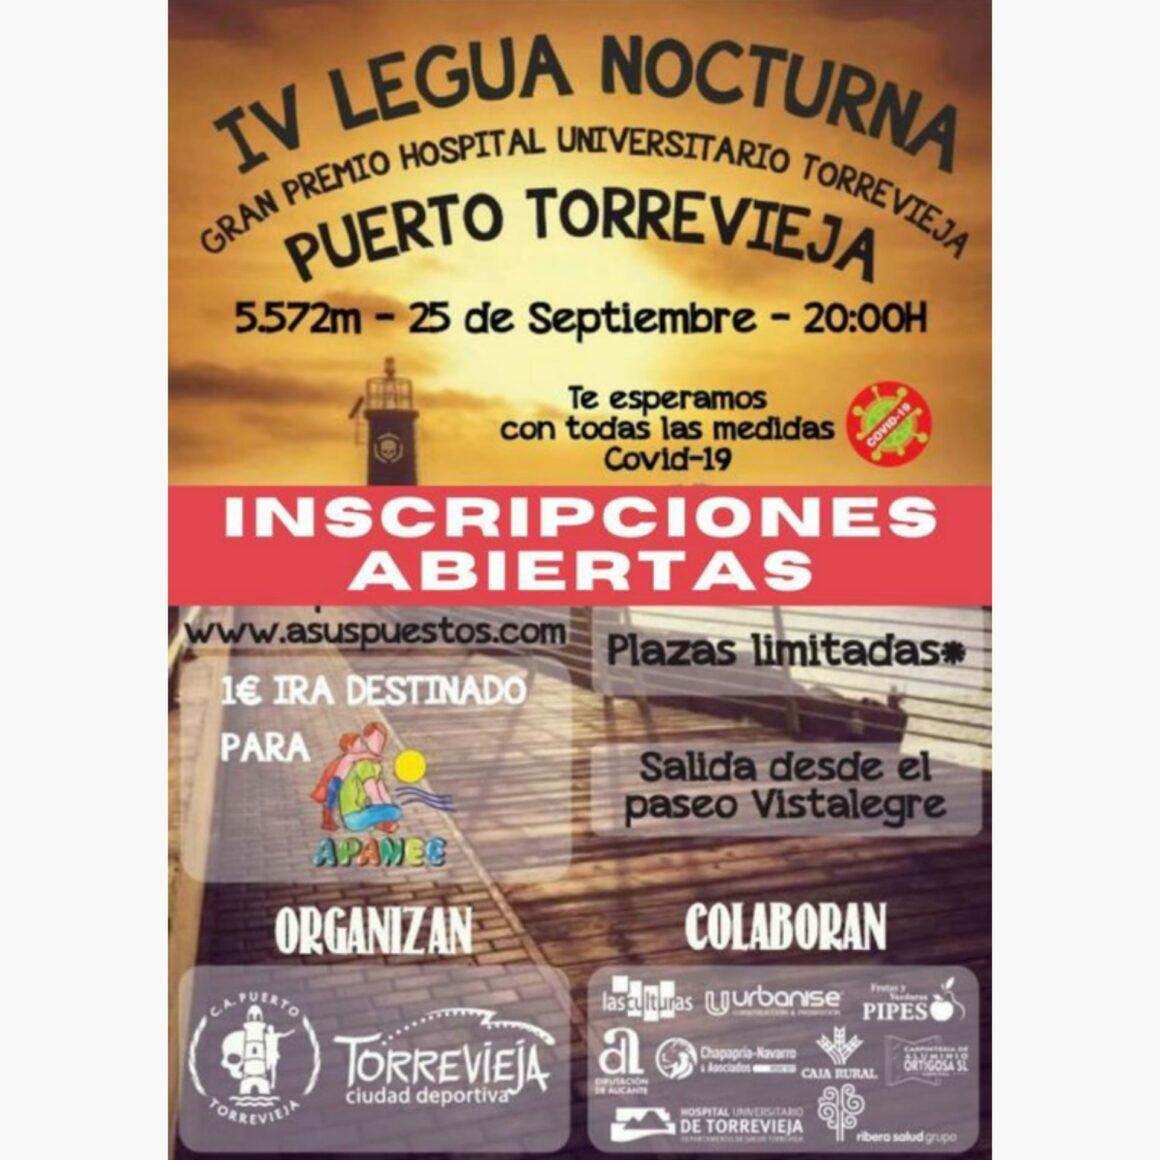 (Español) El próximo 25 de septiembre se correrá la IV Edición de la Legua Nocturna Solidaria